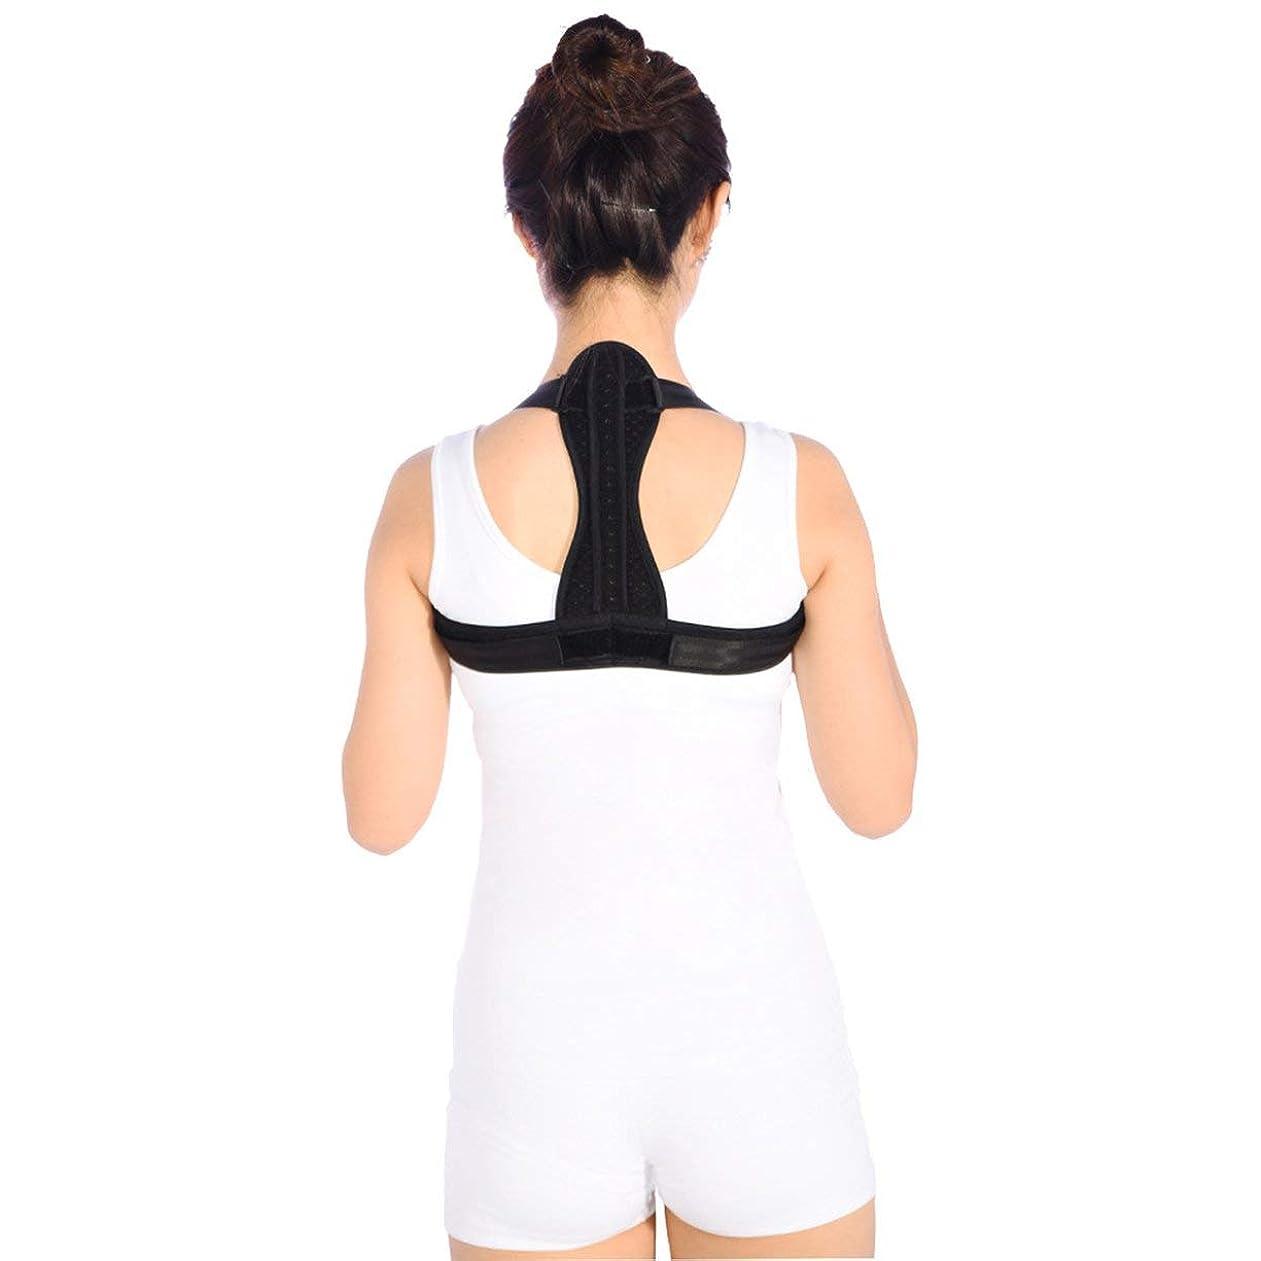 滝意志に反するれる通気性の脊柱側弯症ザトウクジラ補正ベルト調節可能な快適さ目に見えないベルト男性女性大人学生子供 - 黒